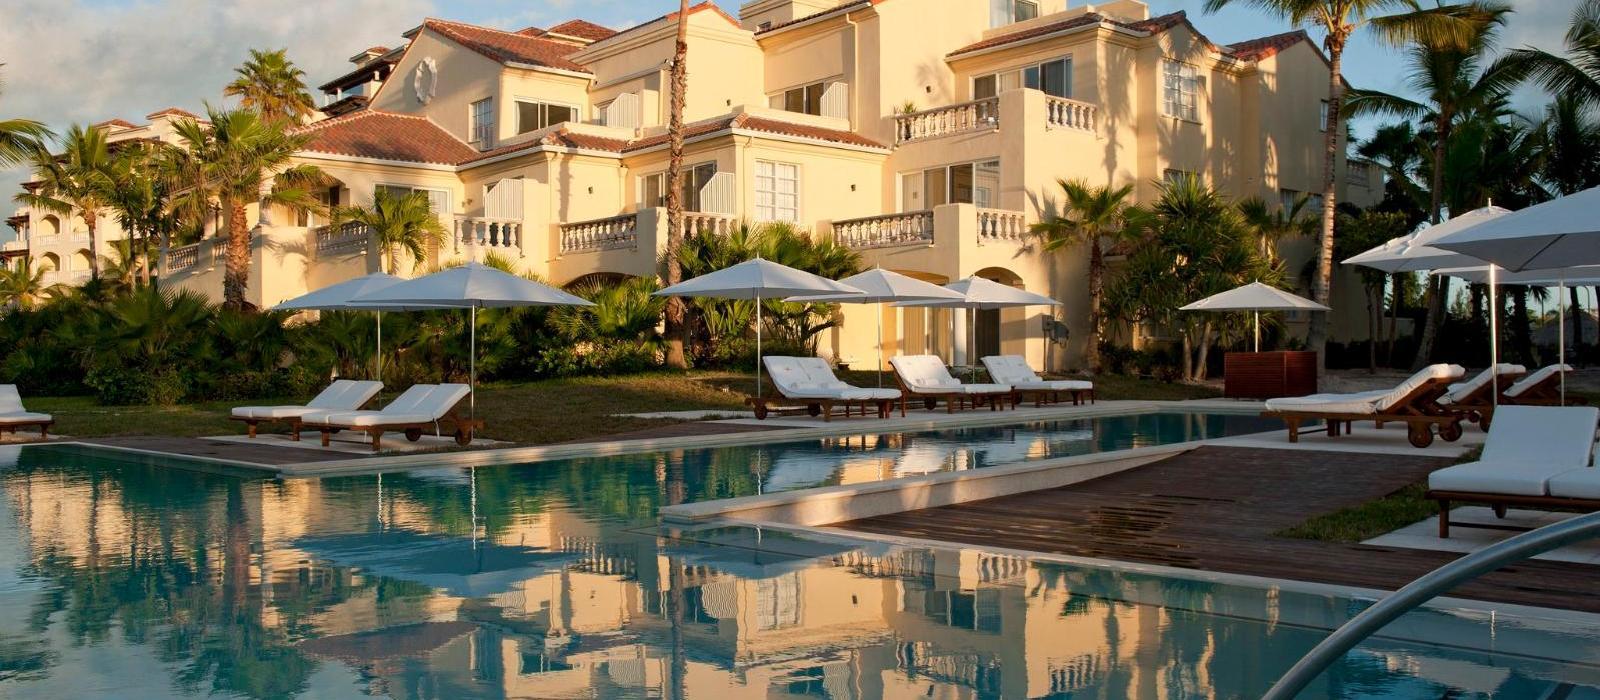 格雷斯湾度假酒店(Grace Bay Club) 图片  www.lhw.cn